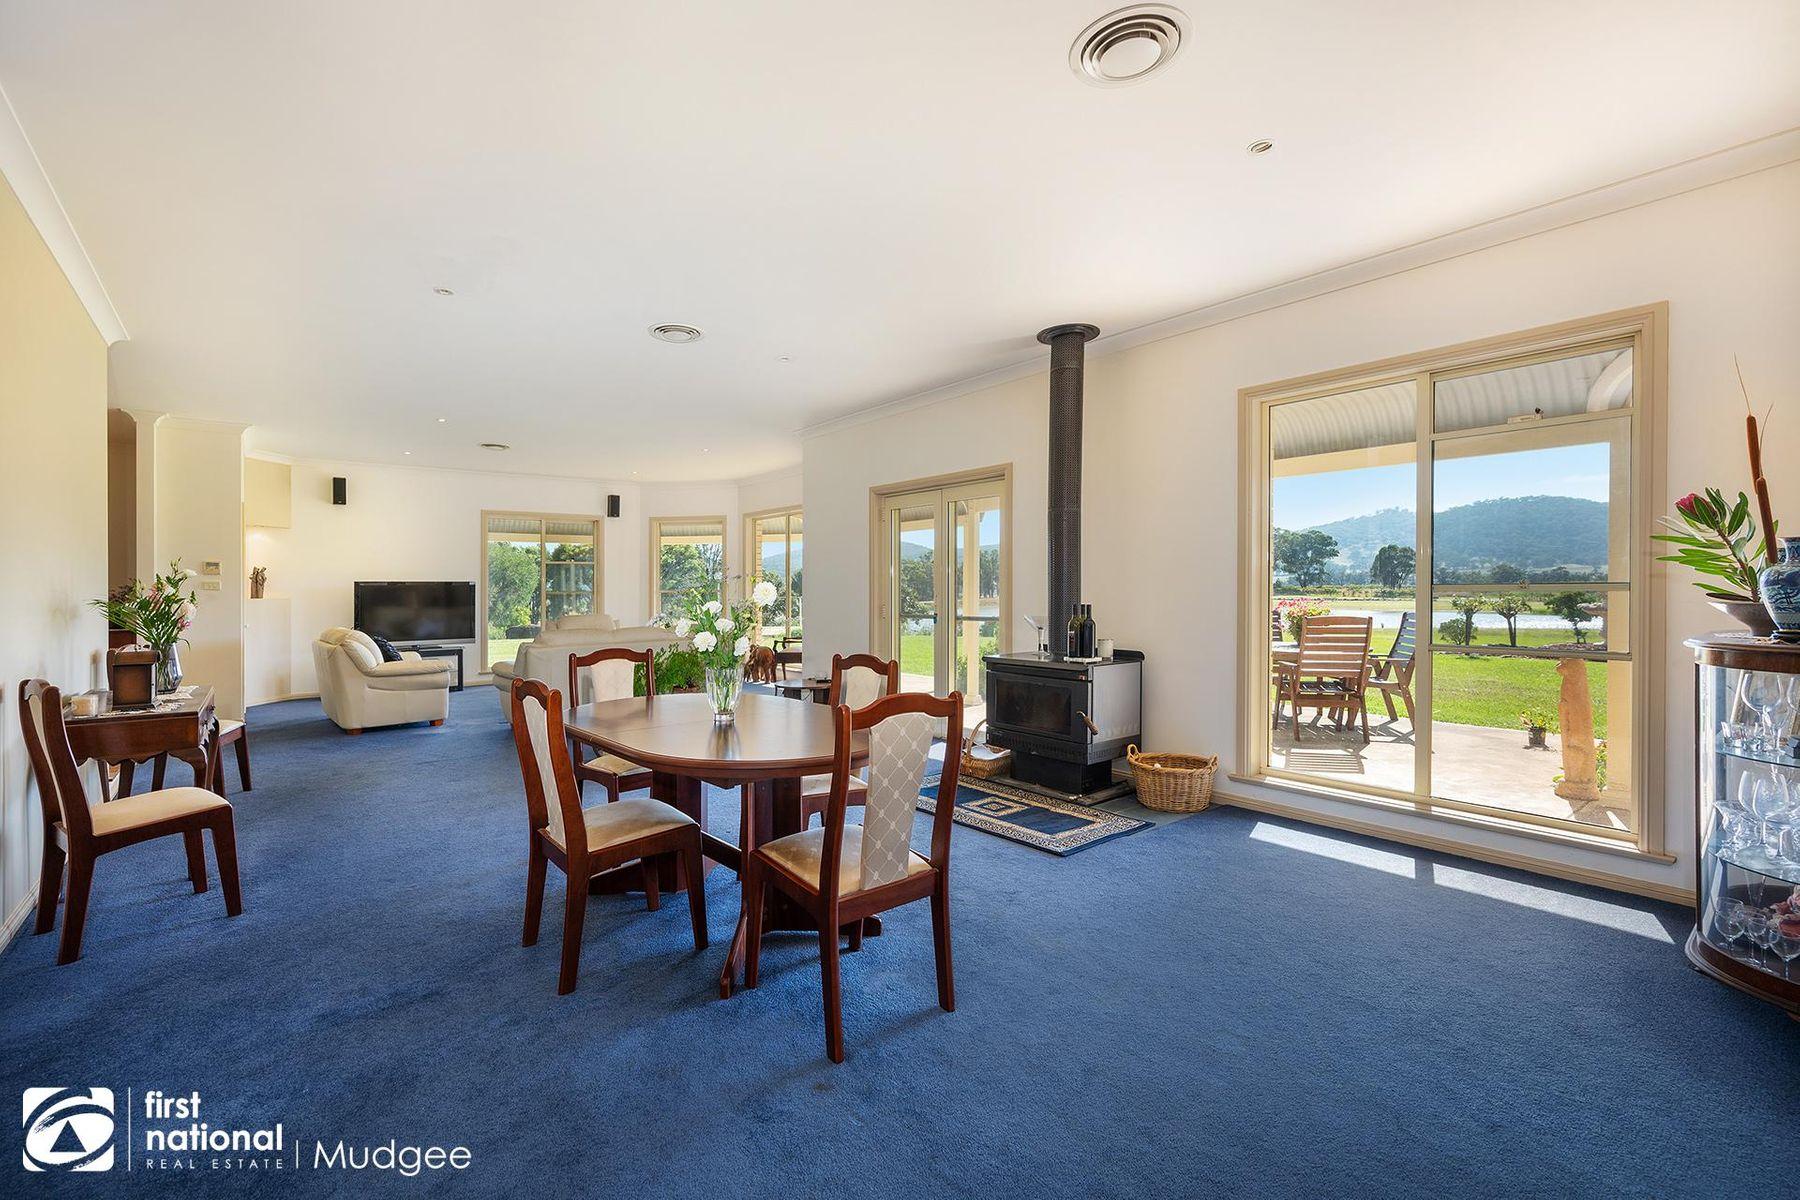 29 Alexander Road, Mudgee, NSW 2850